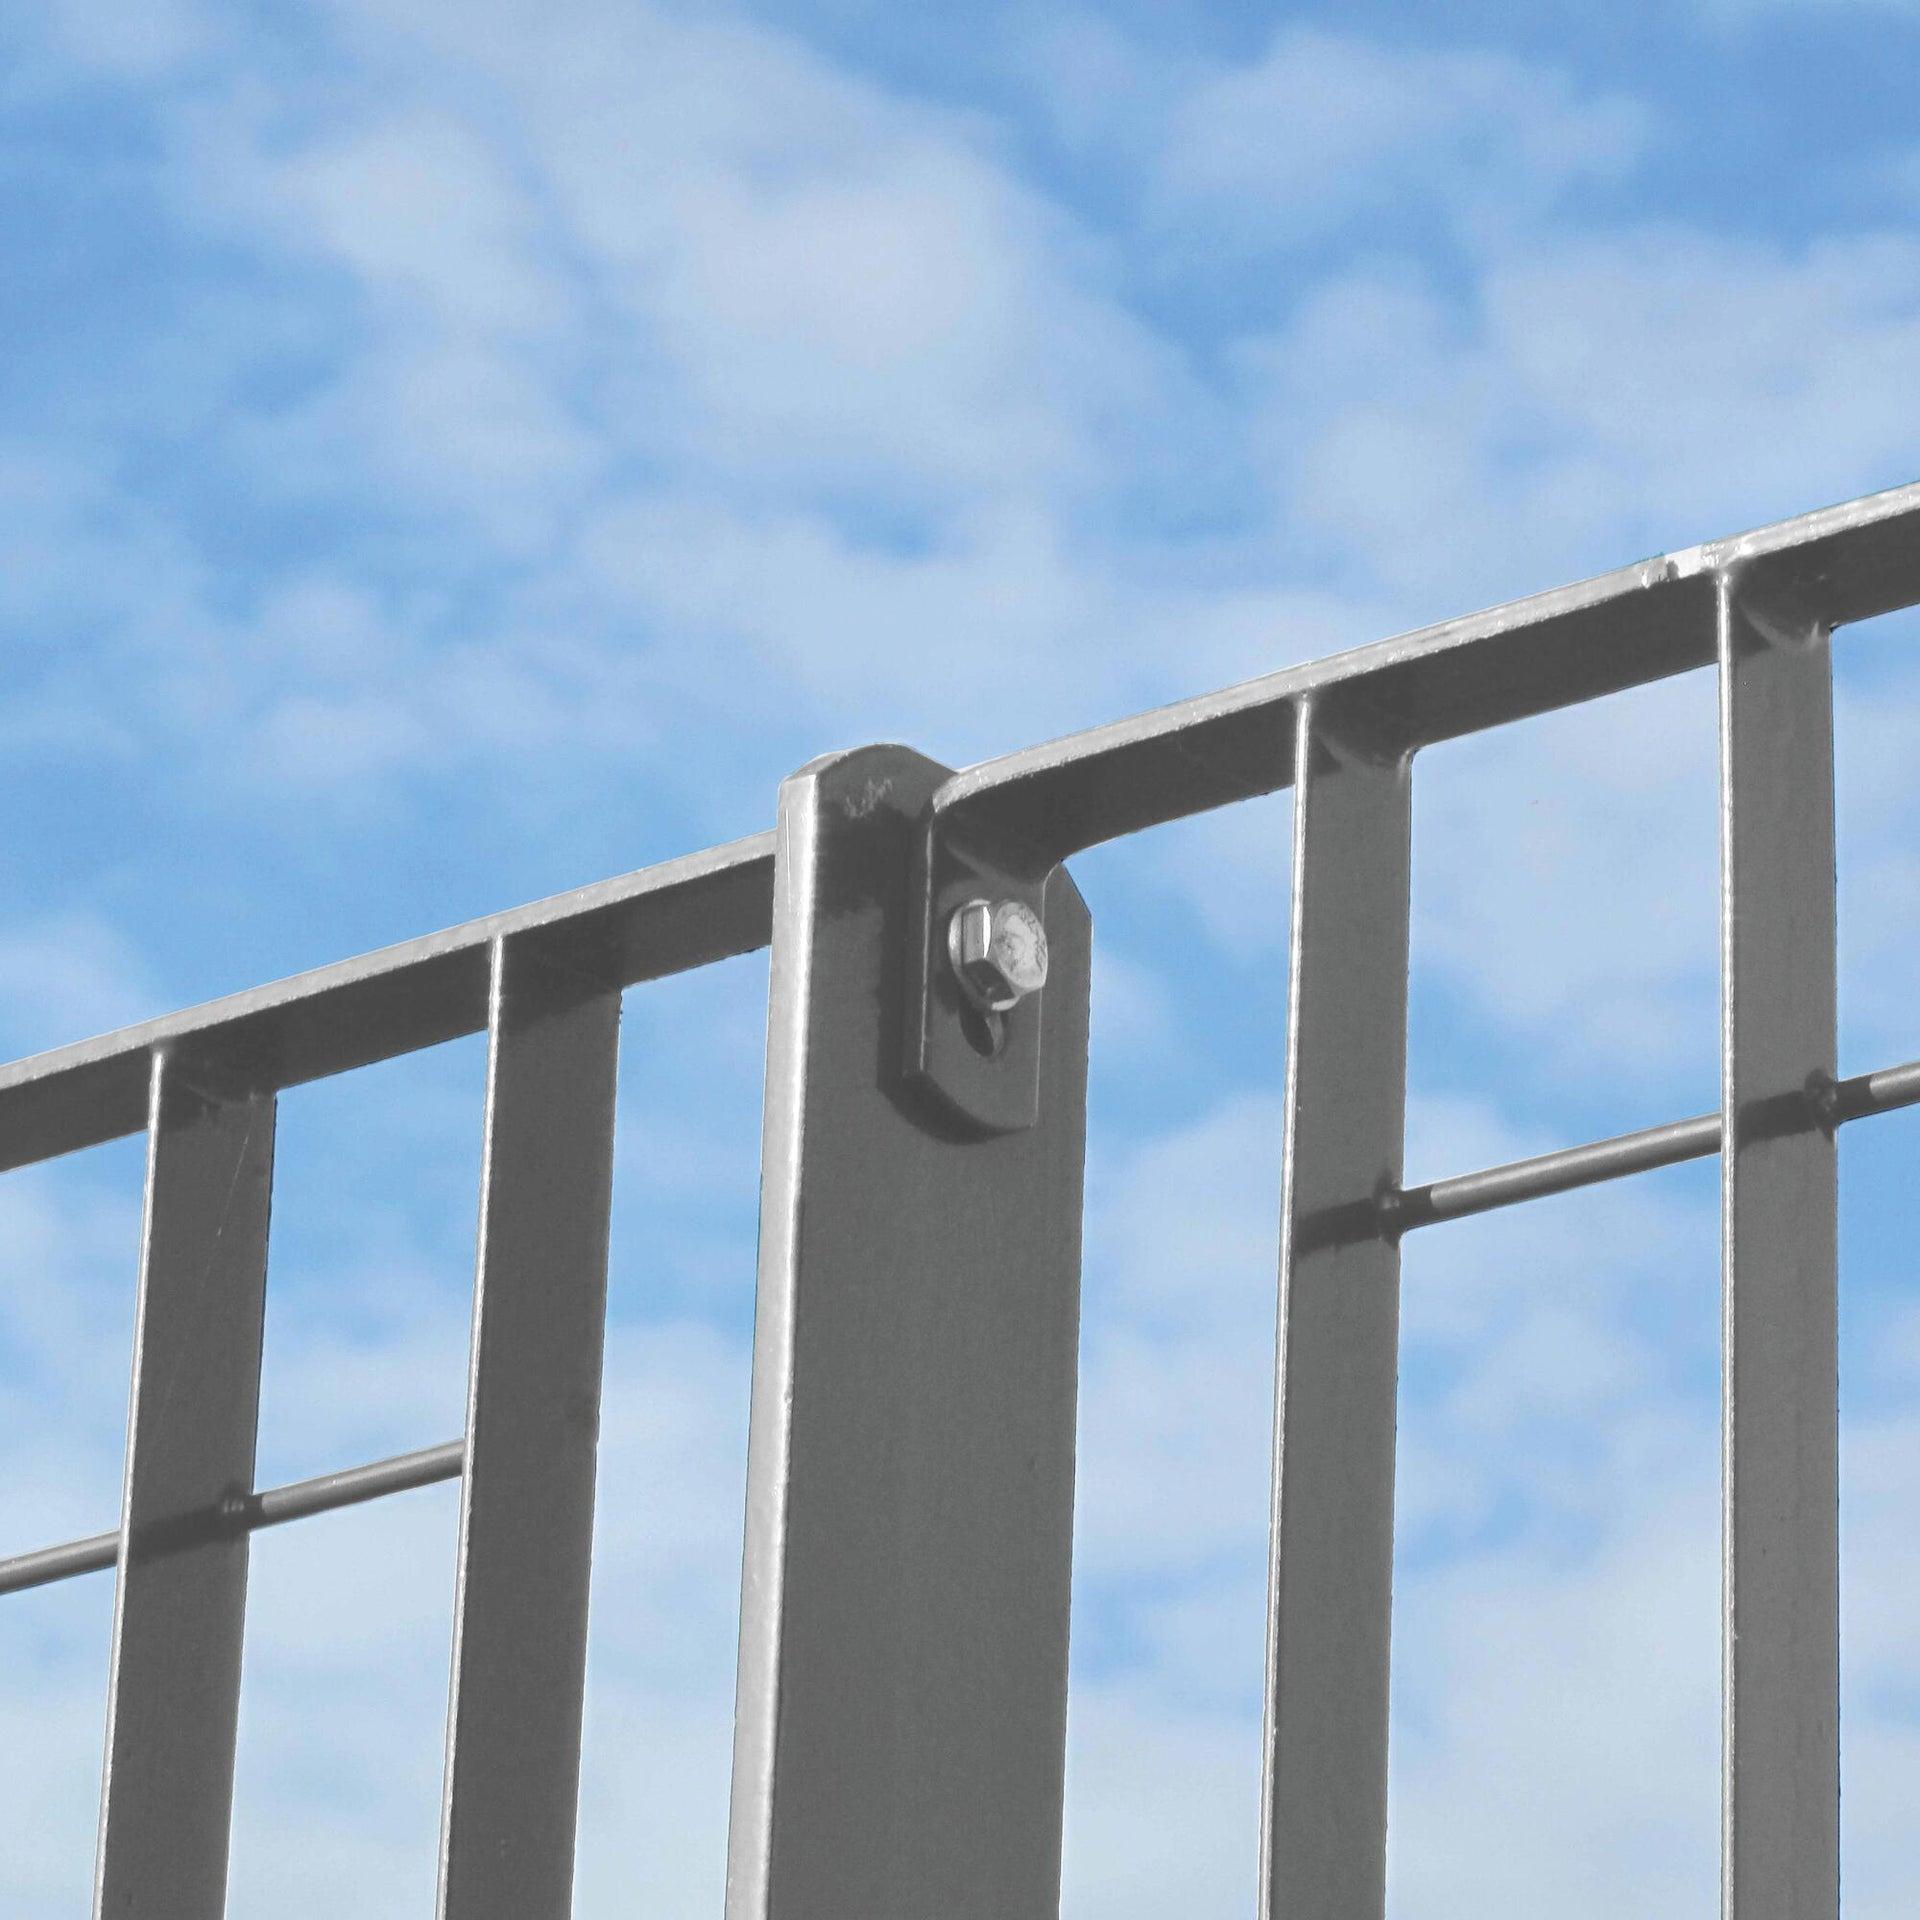 Palo in acciaio rettangolare H 100 cm 6 cm - 4